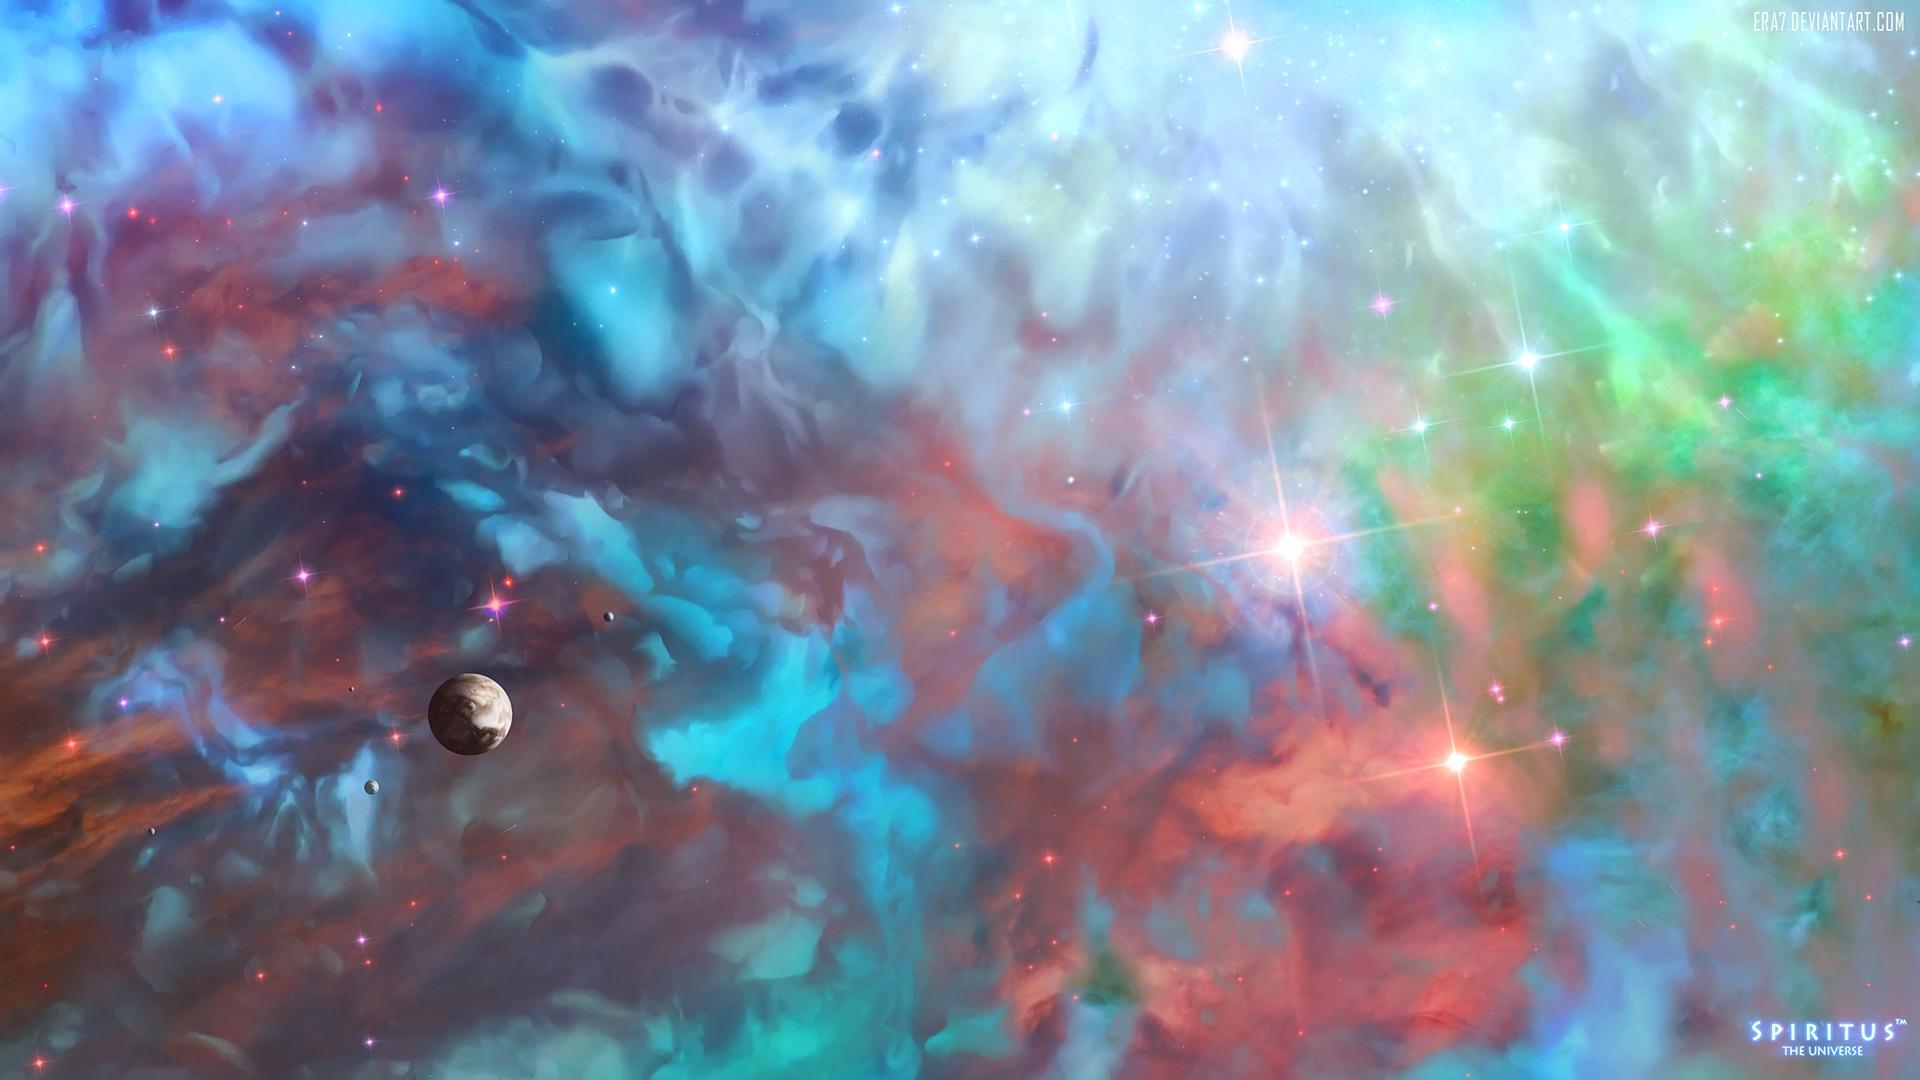 Увлекательные обои Космоса для заставки рабочего стола - сборка №9 9